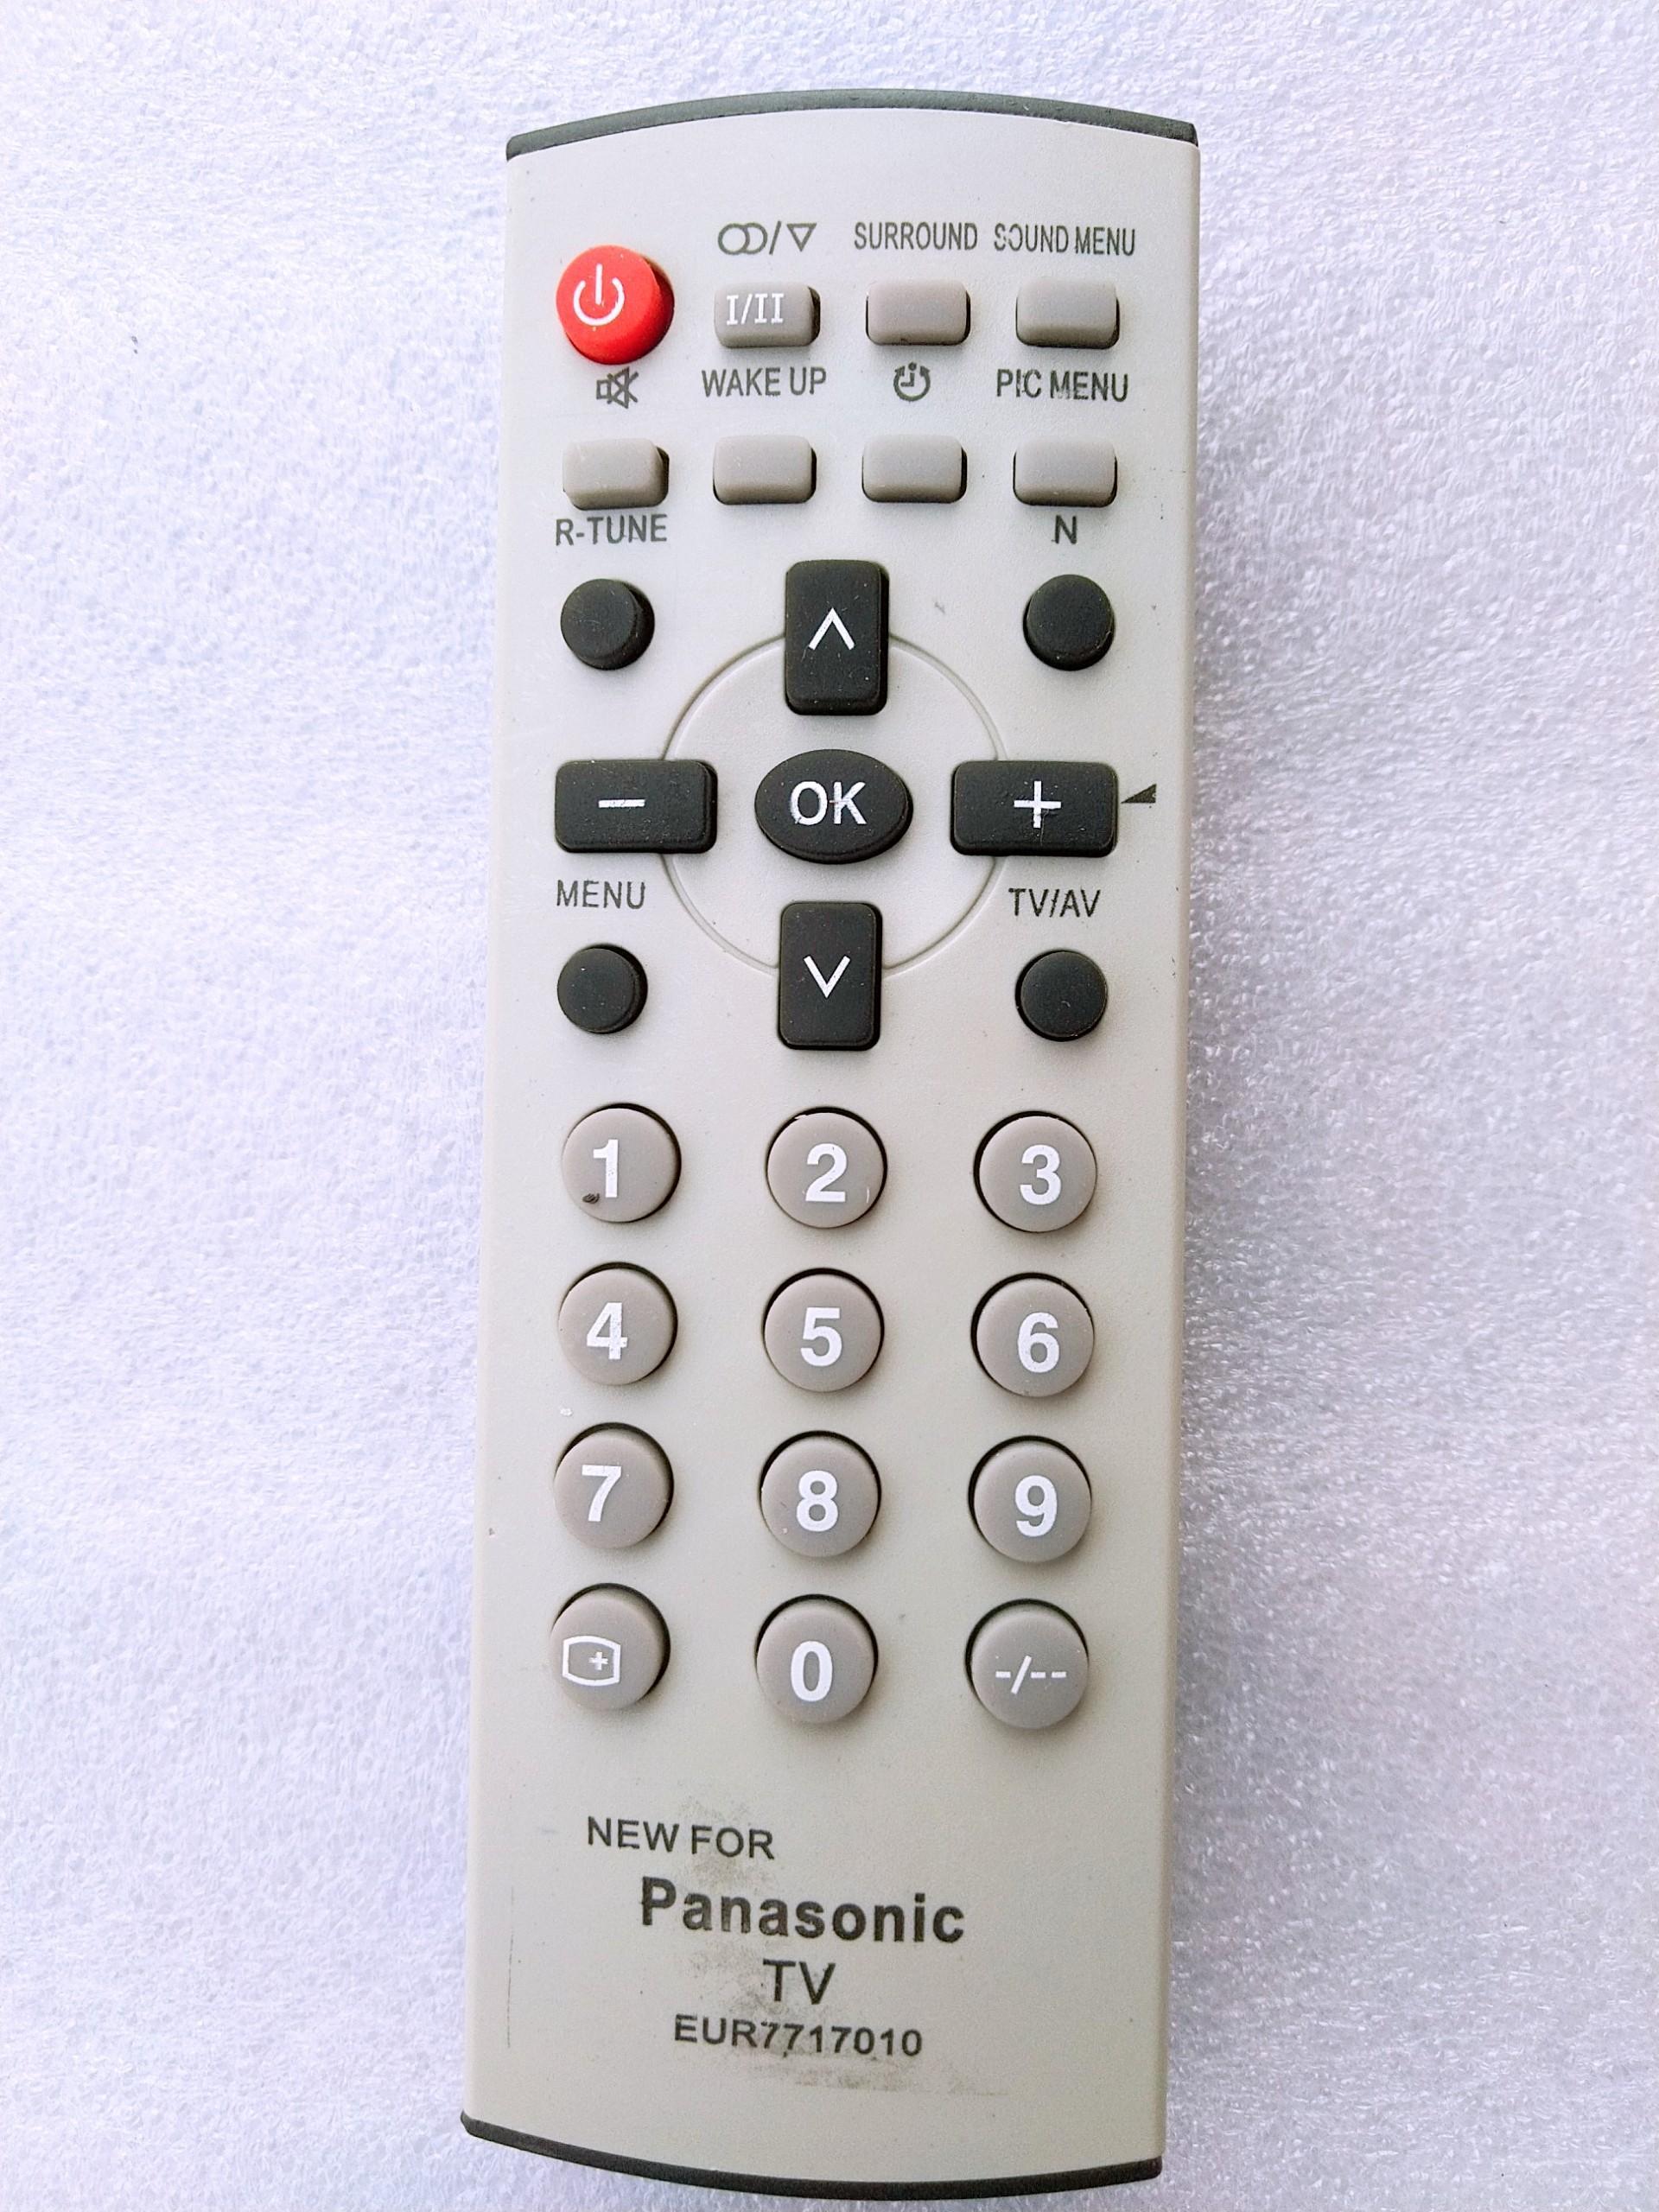 Lazada Giảm Giá Khi Mua REMOTE TV PANASONIC ĐỜI CŨ - ĐIỀU KHIỂN TV PANASONIC DÀY CRT